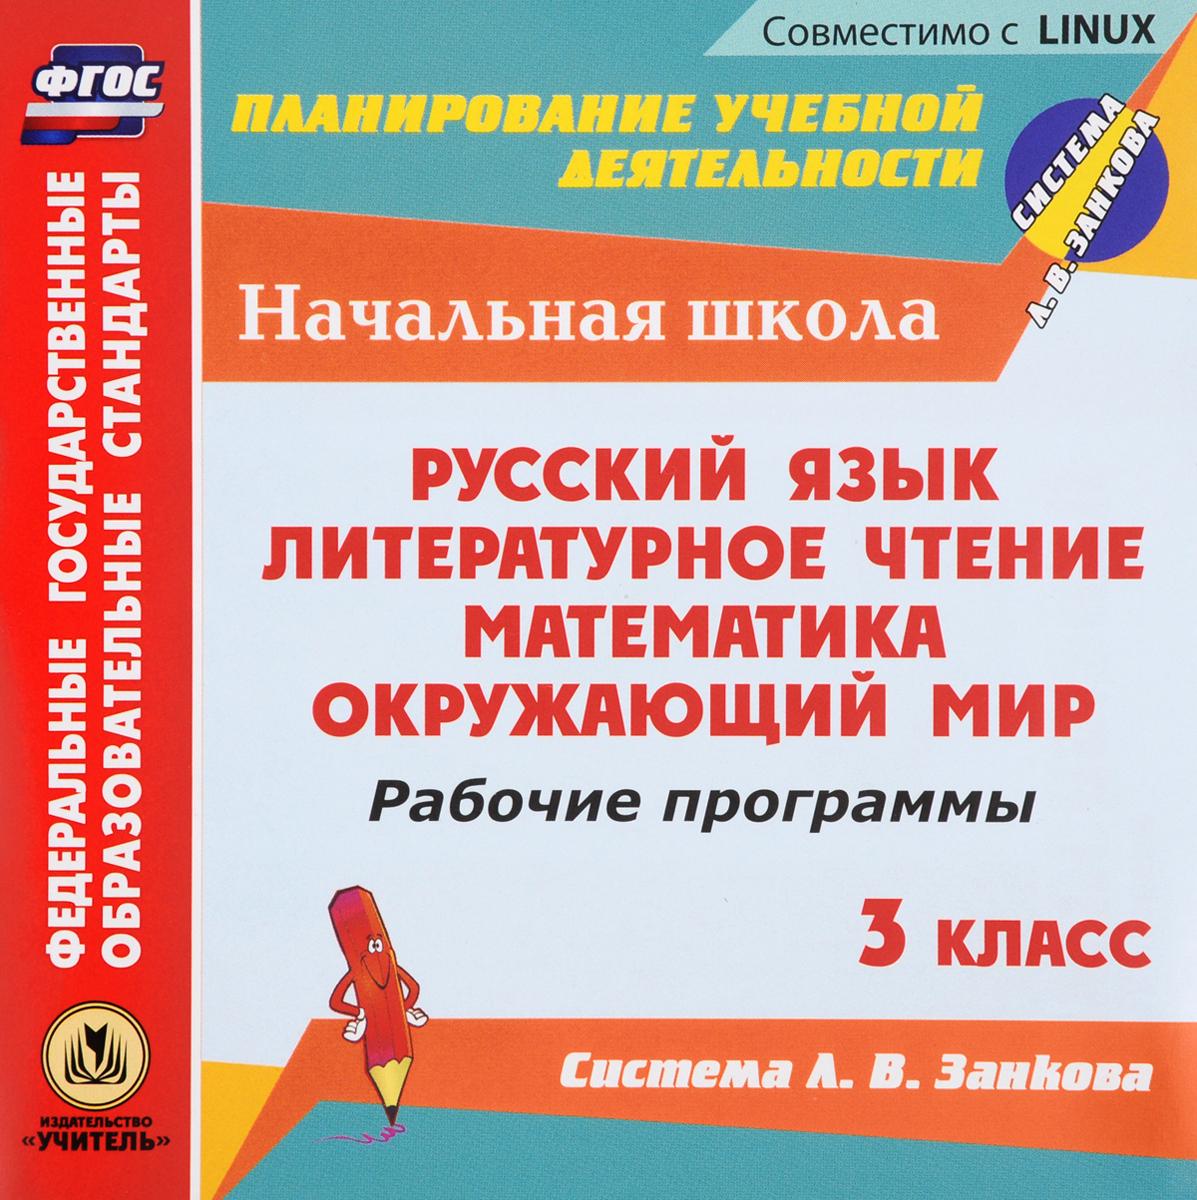 Рабочие программы. Система Л. В. Занкова. 3 класс. Русский язык. Литературное чтение. Математика. Окружающий мир